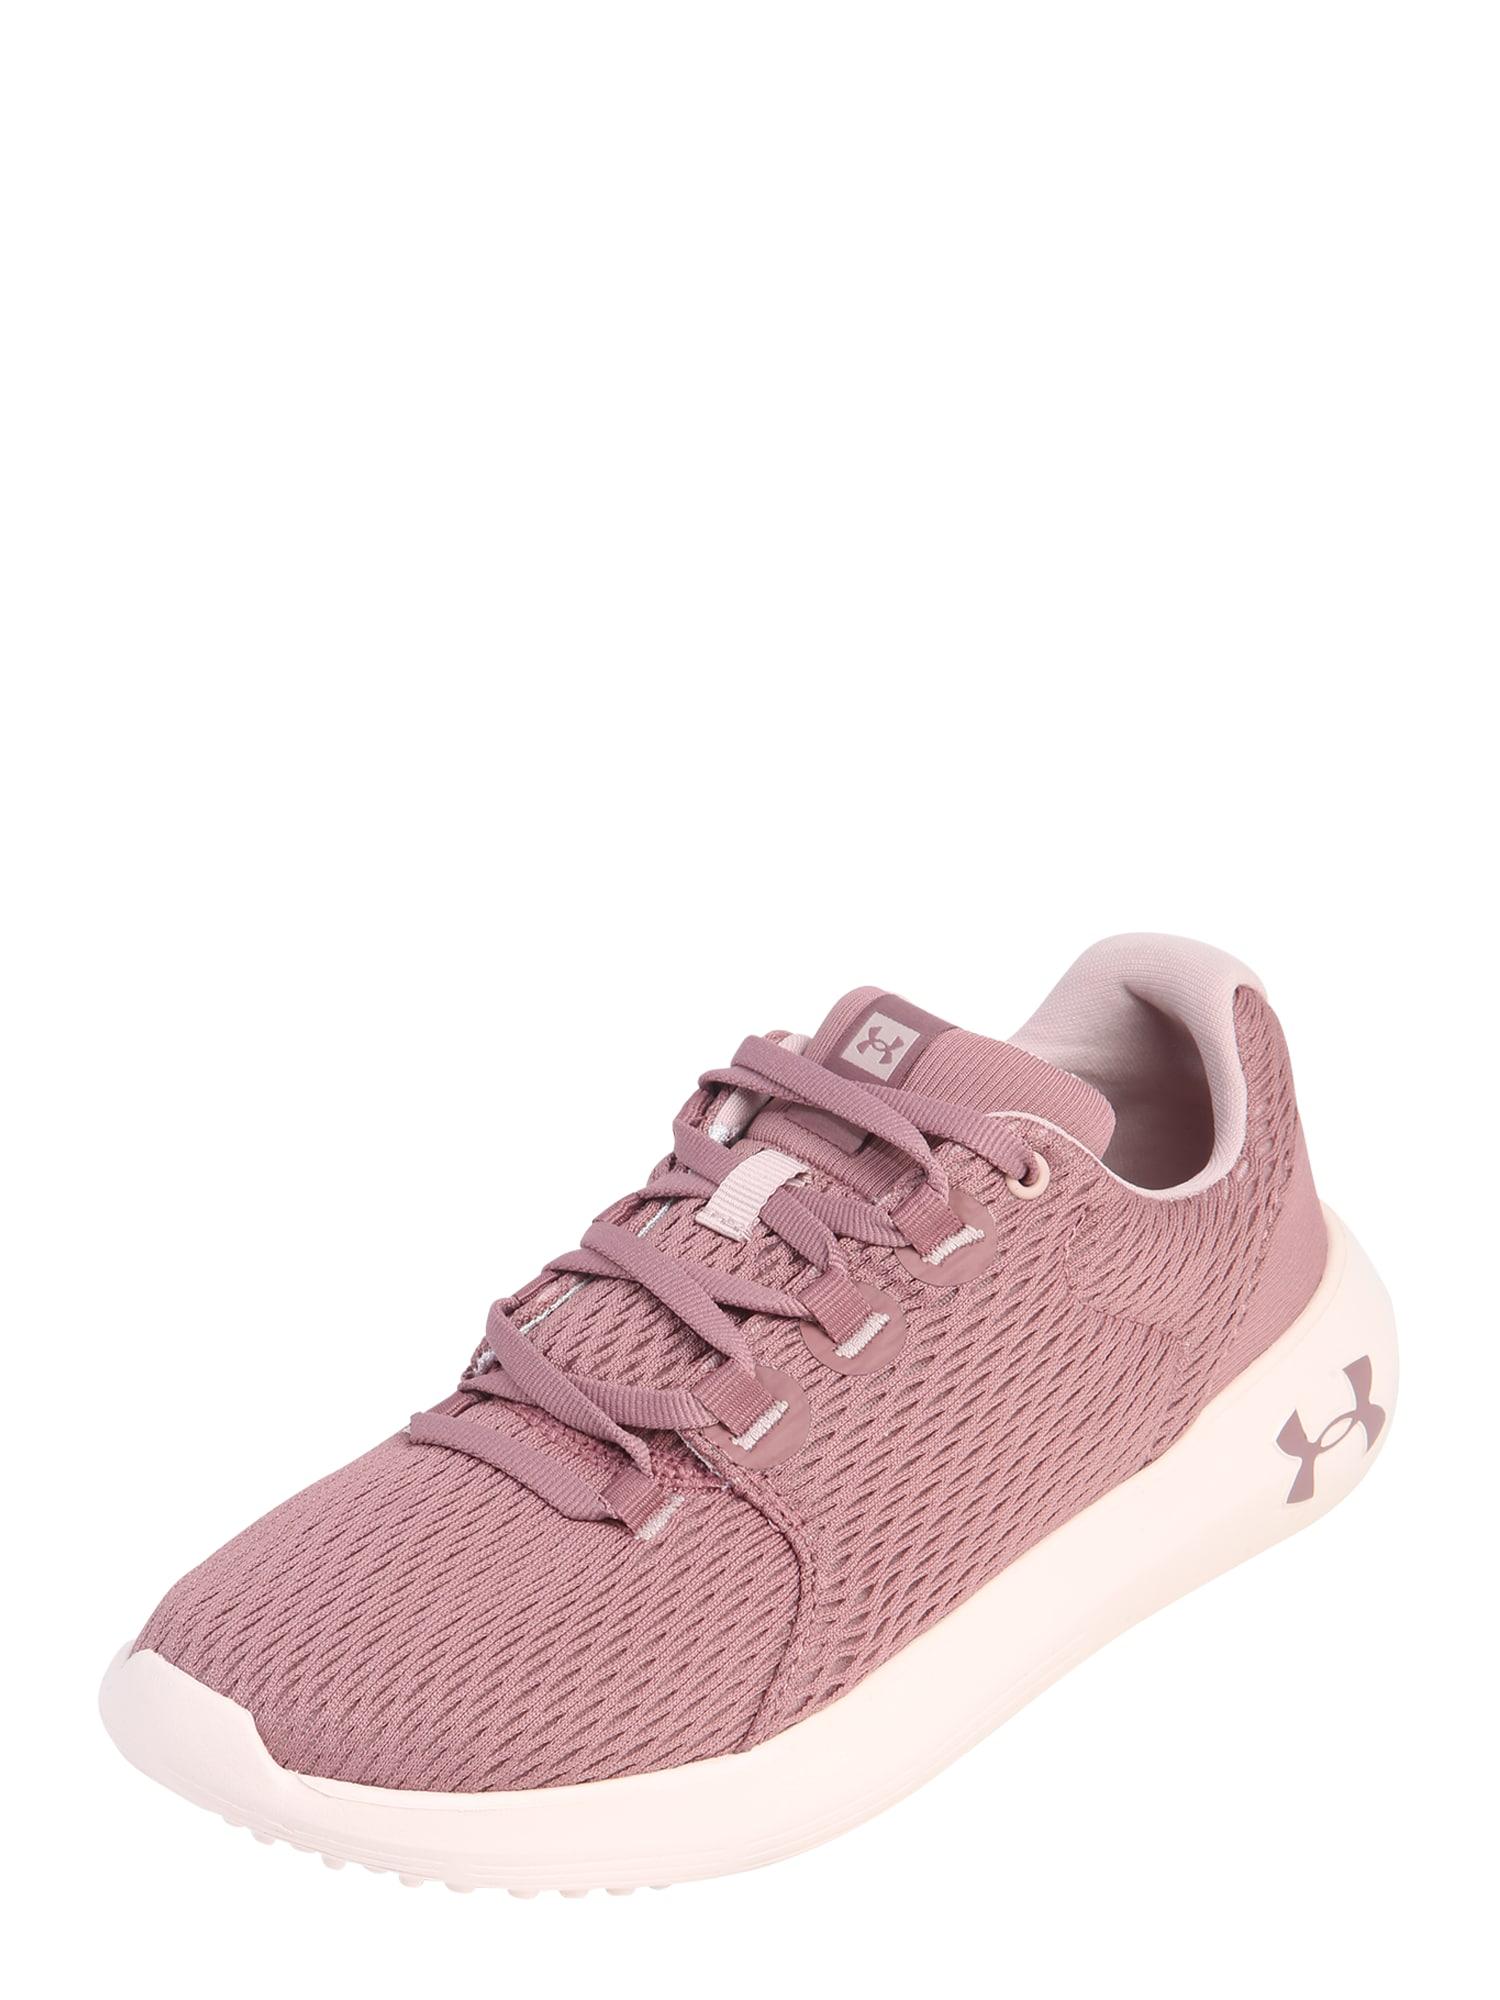 UNDER ARMOUR Sportiniai batai 'UA W Ripple 2.0 NM1' uogų spalva